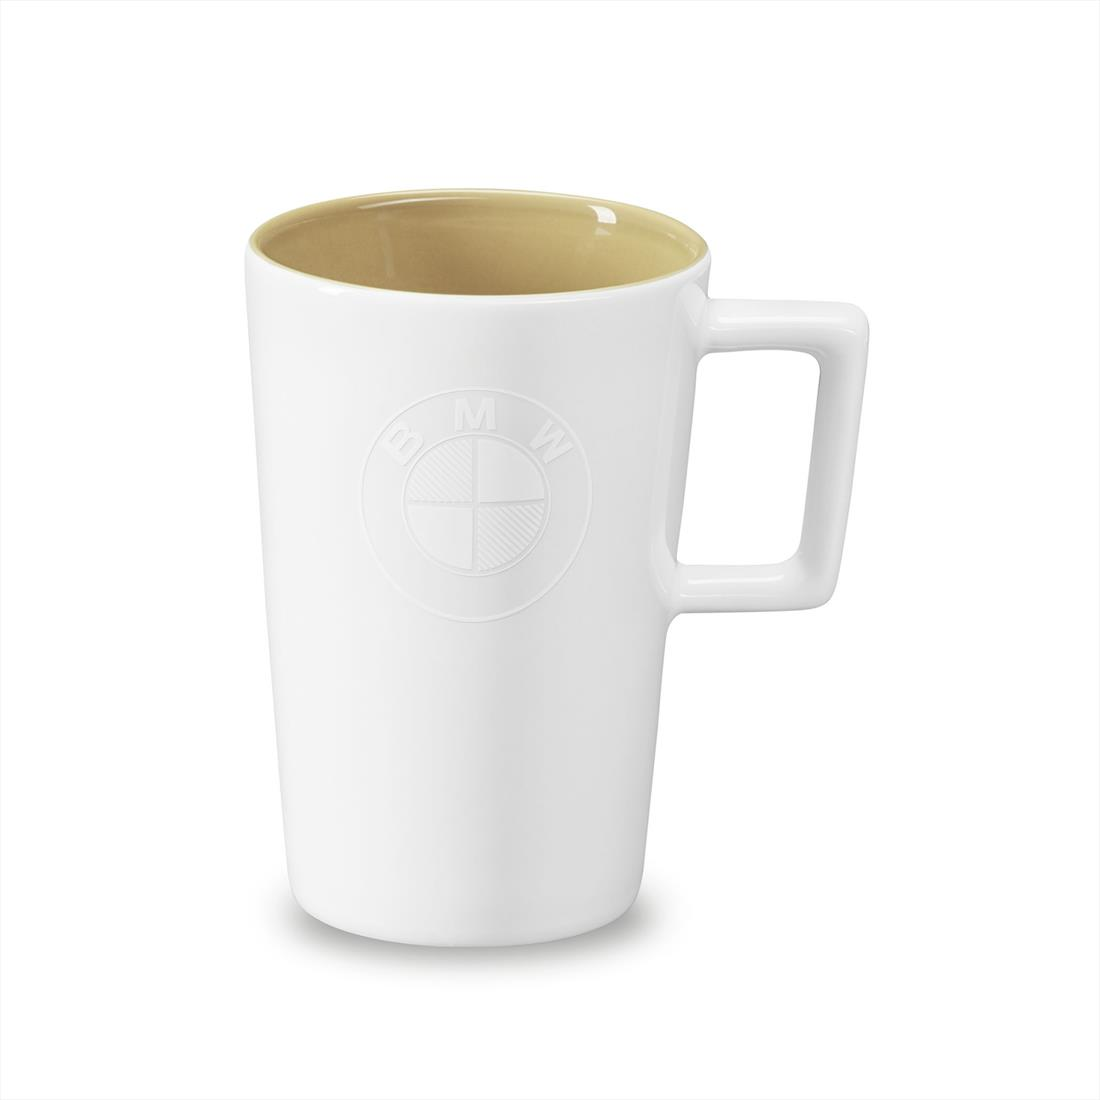 BMW LOGO CUP, BIG